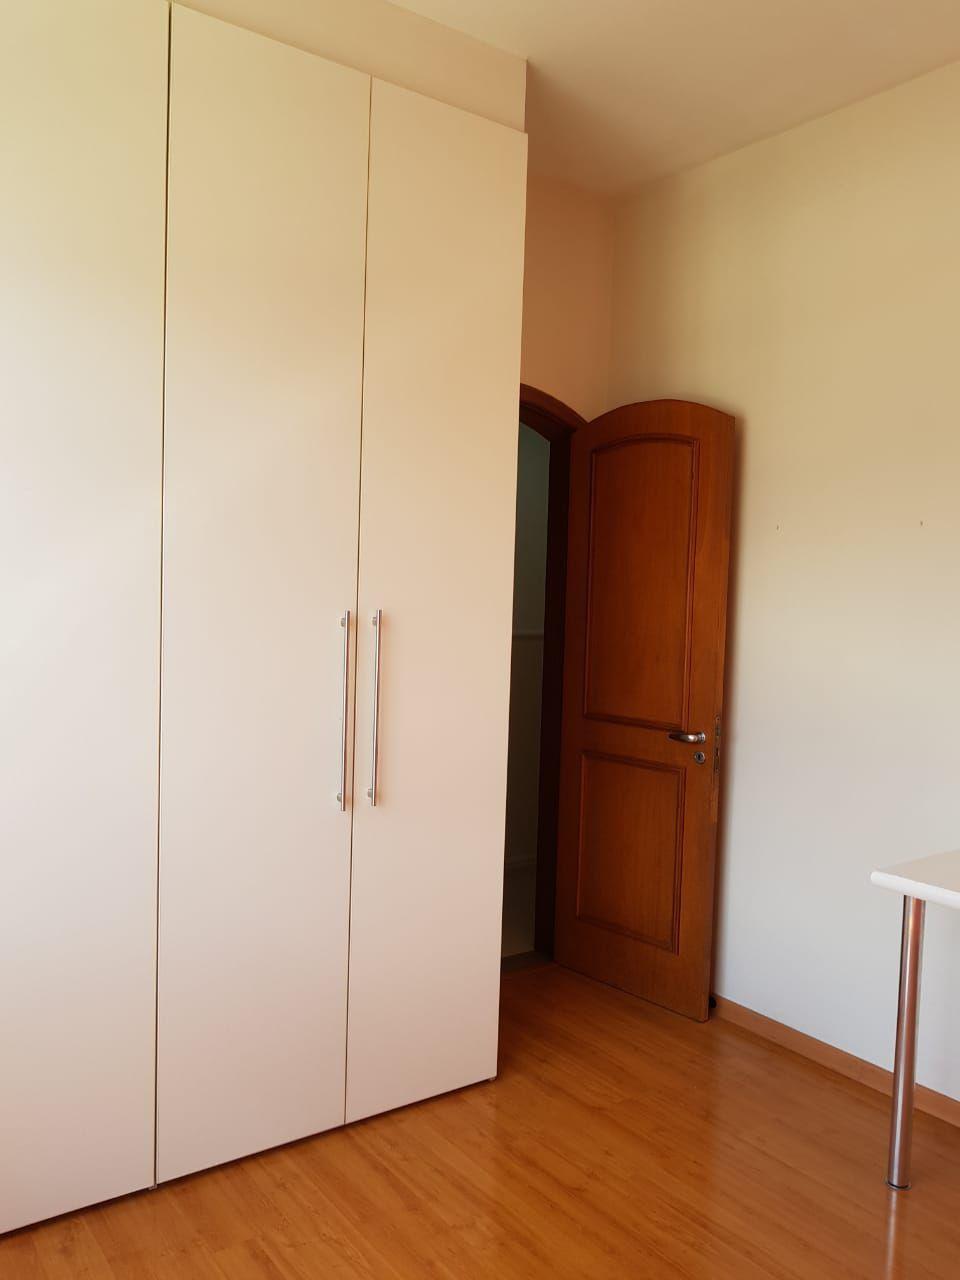 FOTO 8 - Apartamento à venda Rua da Divina Misericórdia,Vila Valqueire, Rio de Janeiro - R$ 790.000 - RF128 - 9